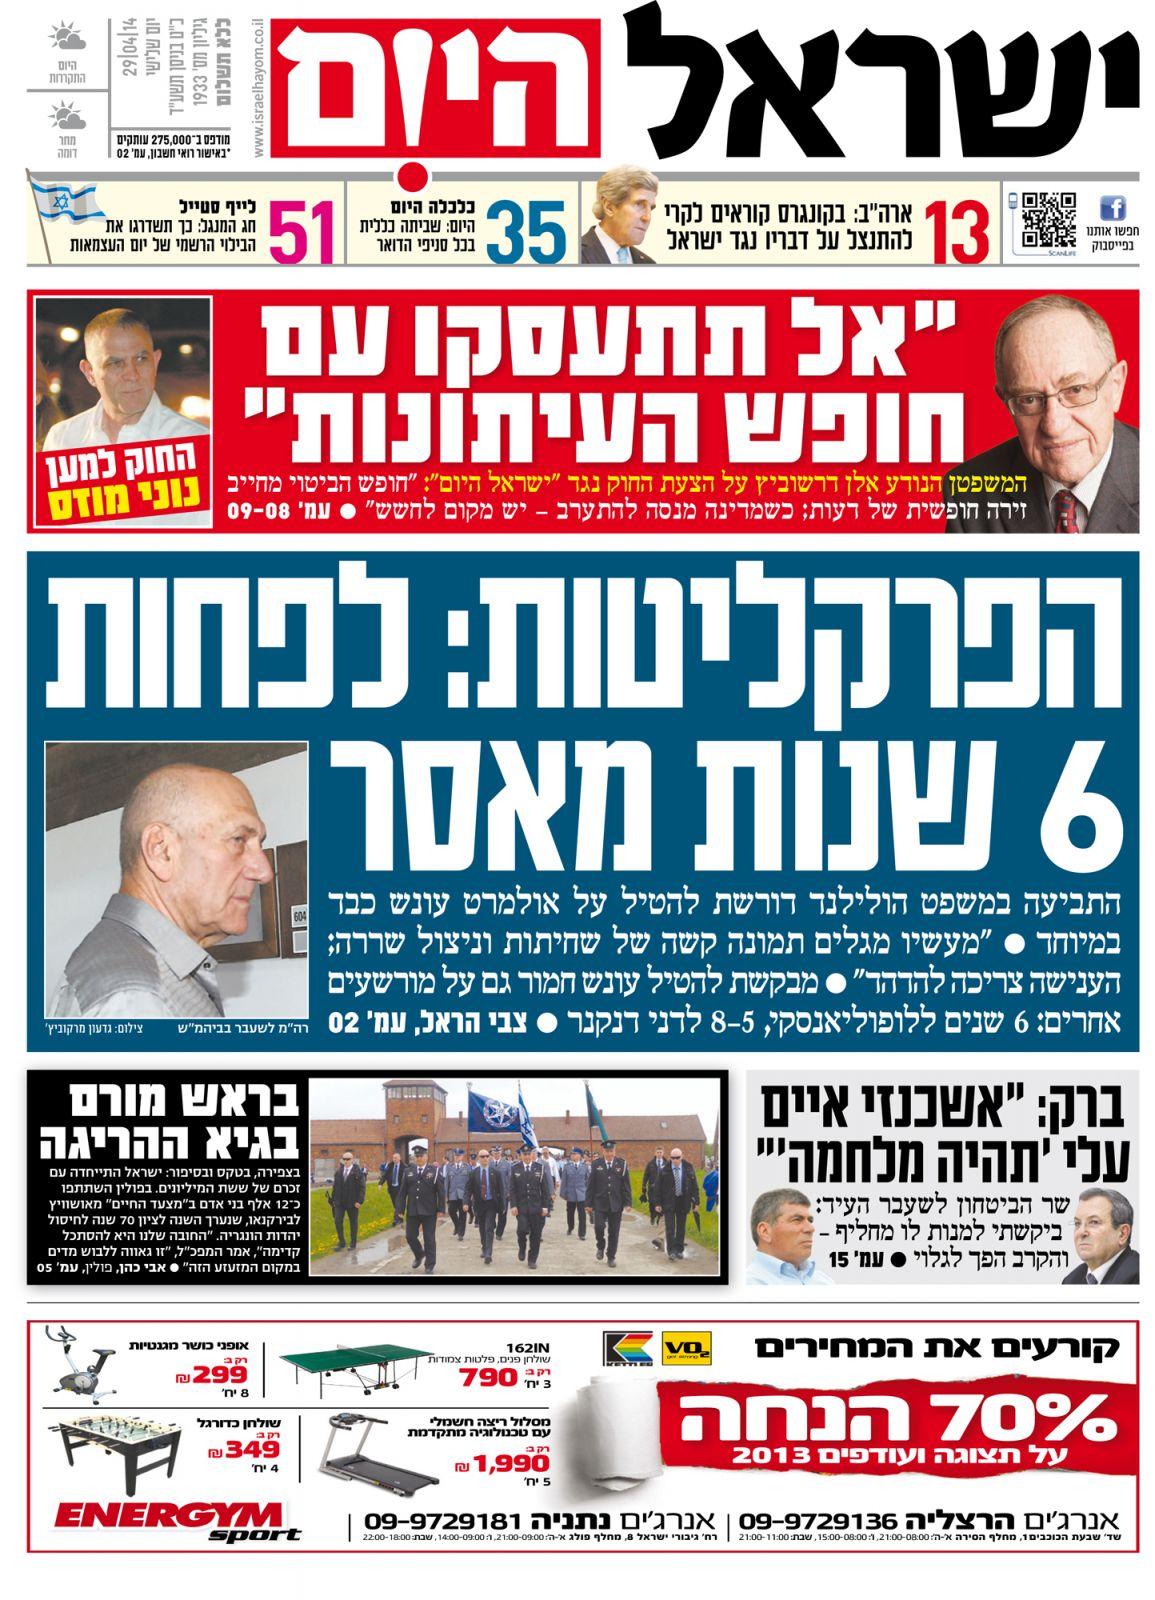 """שער """"ישראל היום"""", 29.4.14 (לחצו להגדלה)"""